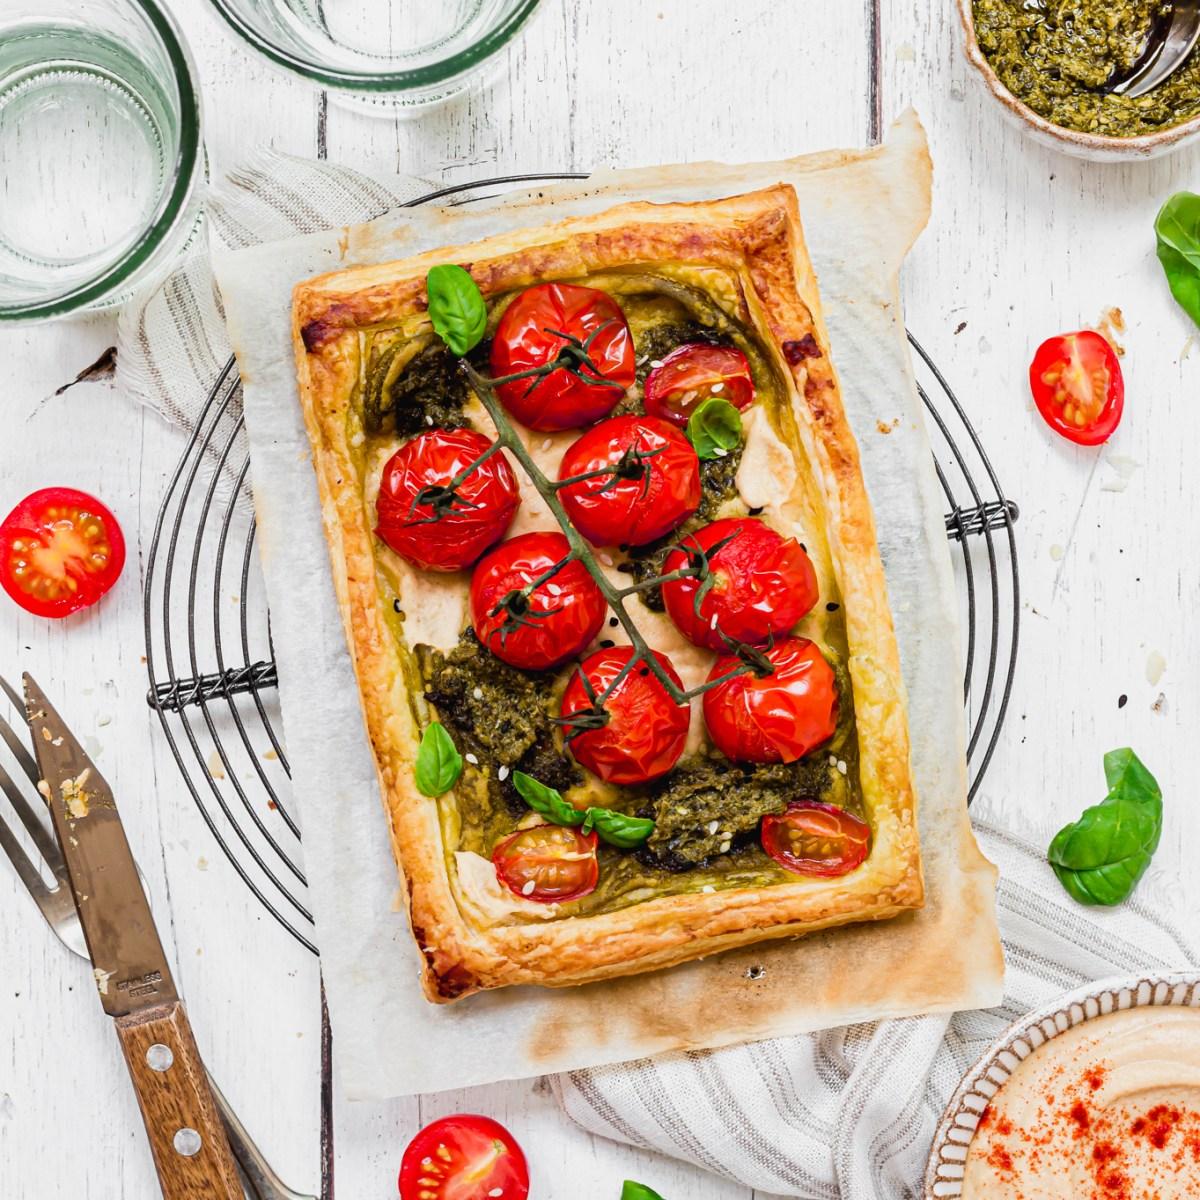 Hummus Pesto and Tomato Puff Pastry Tarts